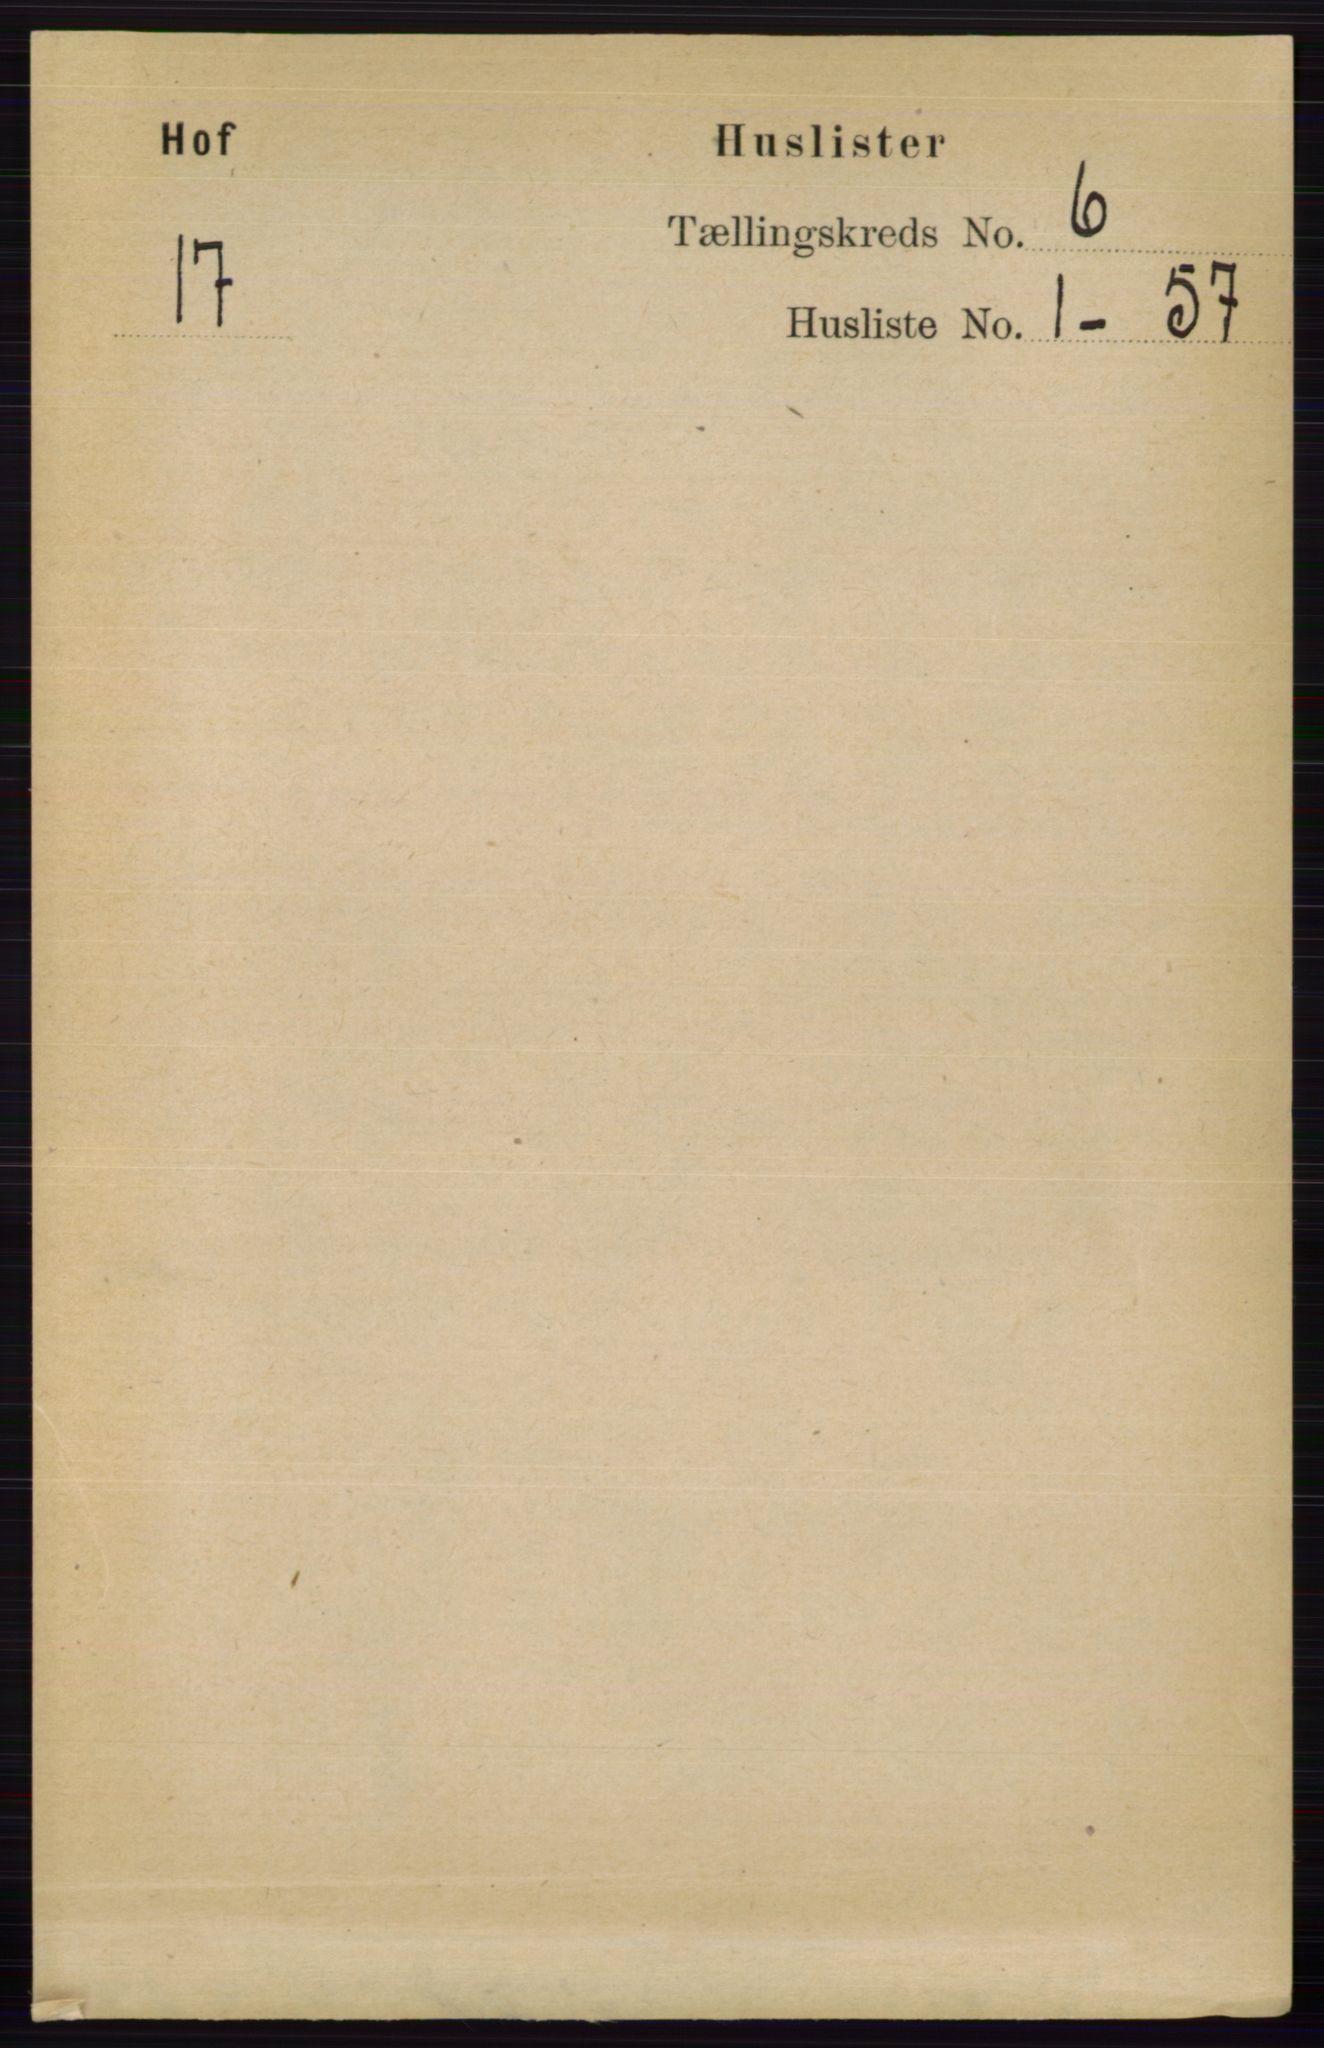 RA, Folketelling 1891 for 0424 Hof herred, 1891, s. 2189